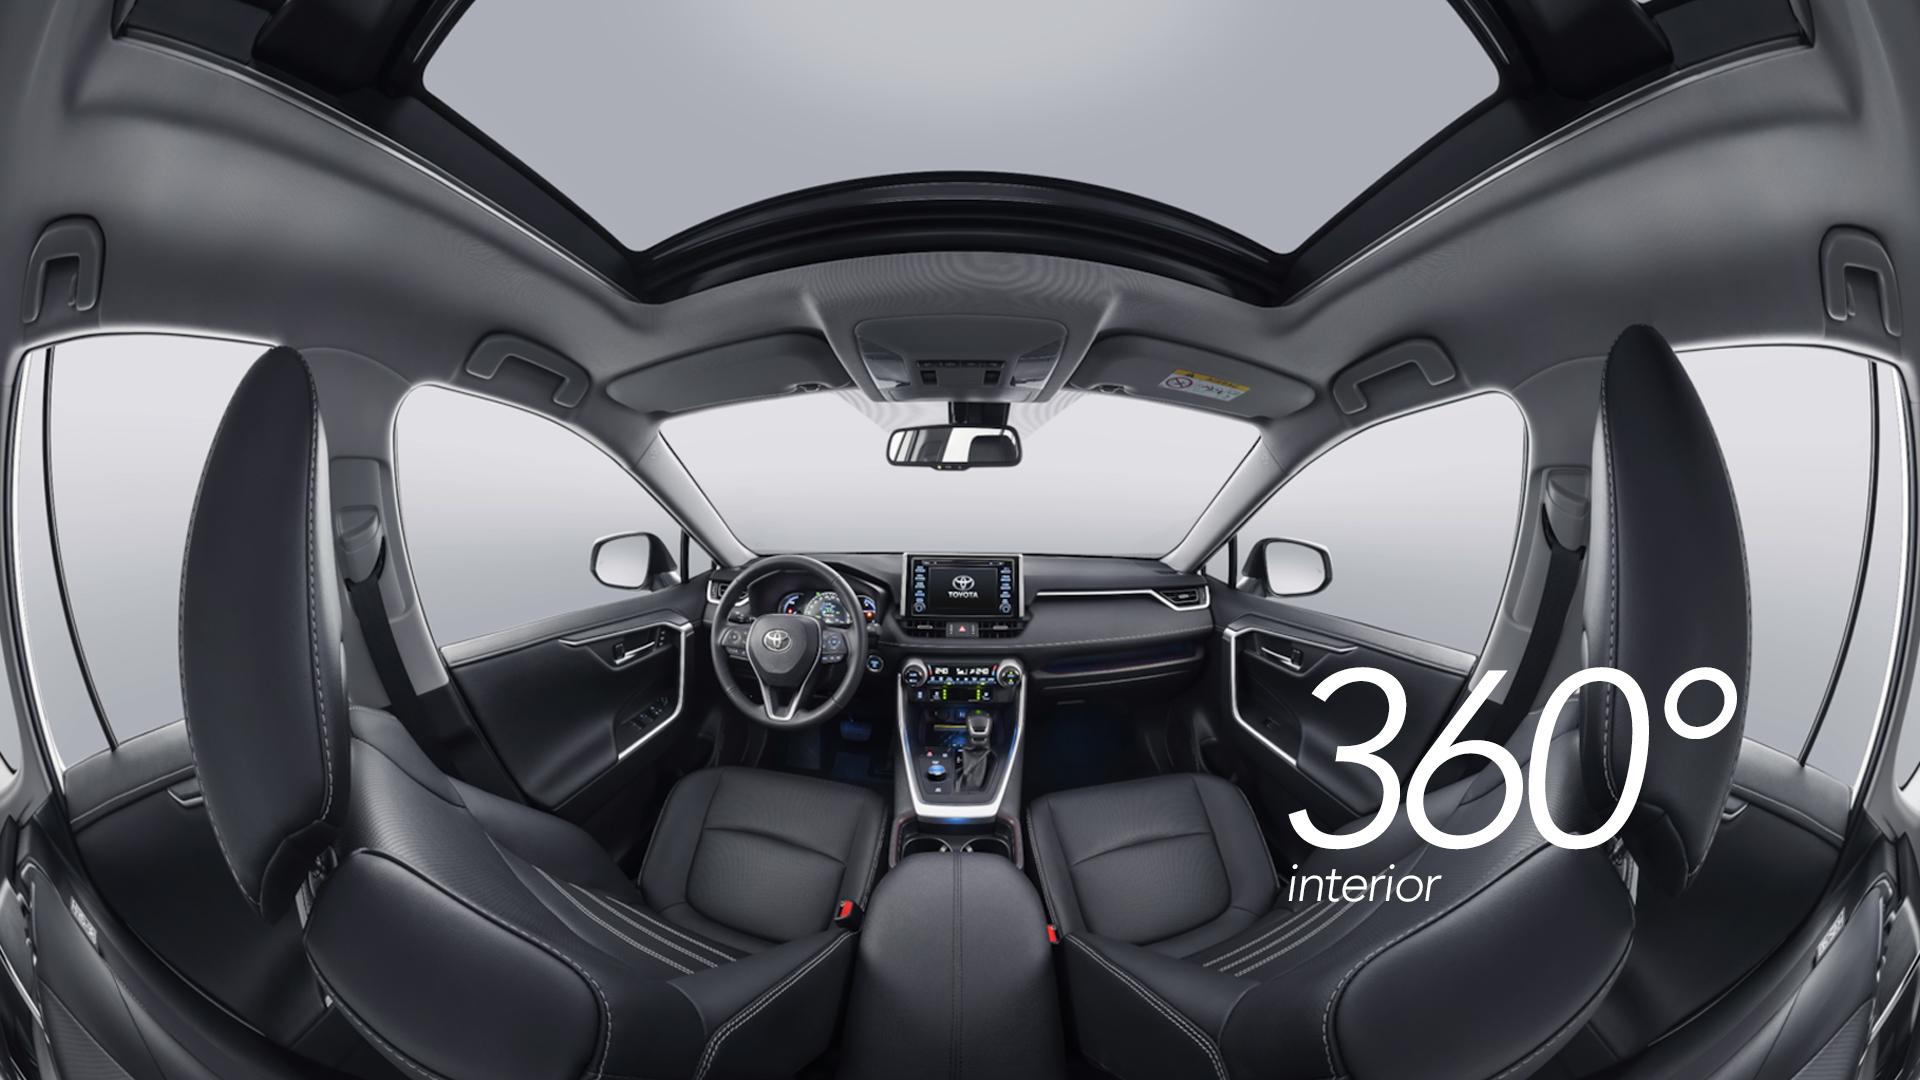 360° Interior RAV 4